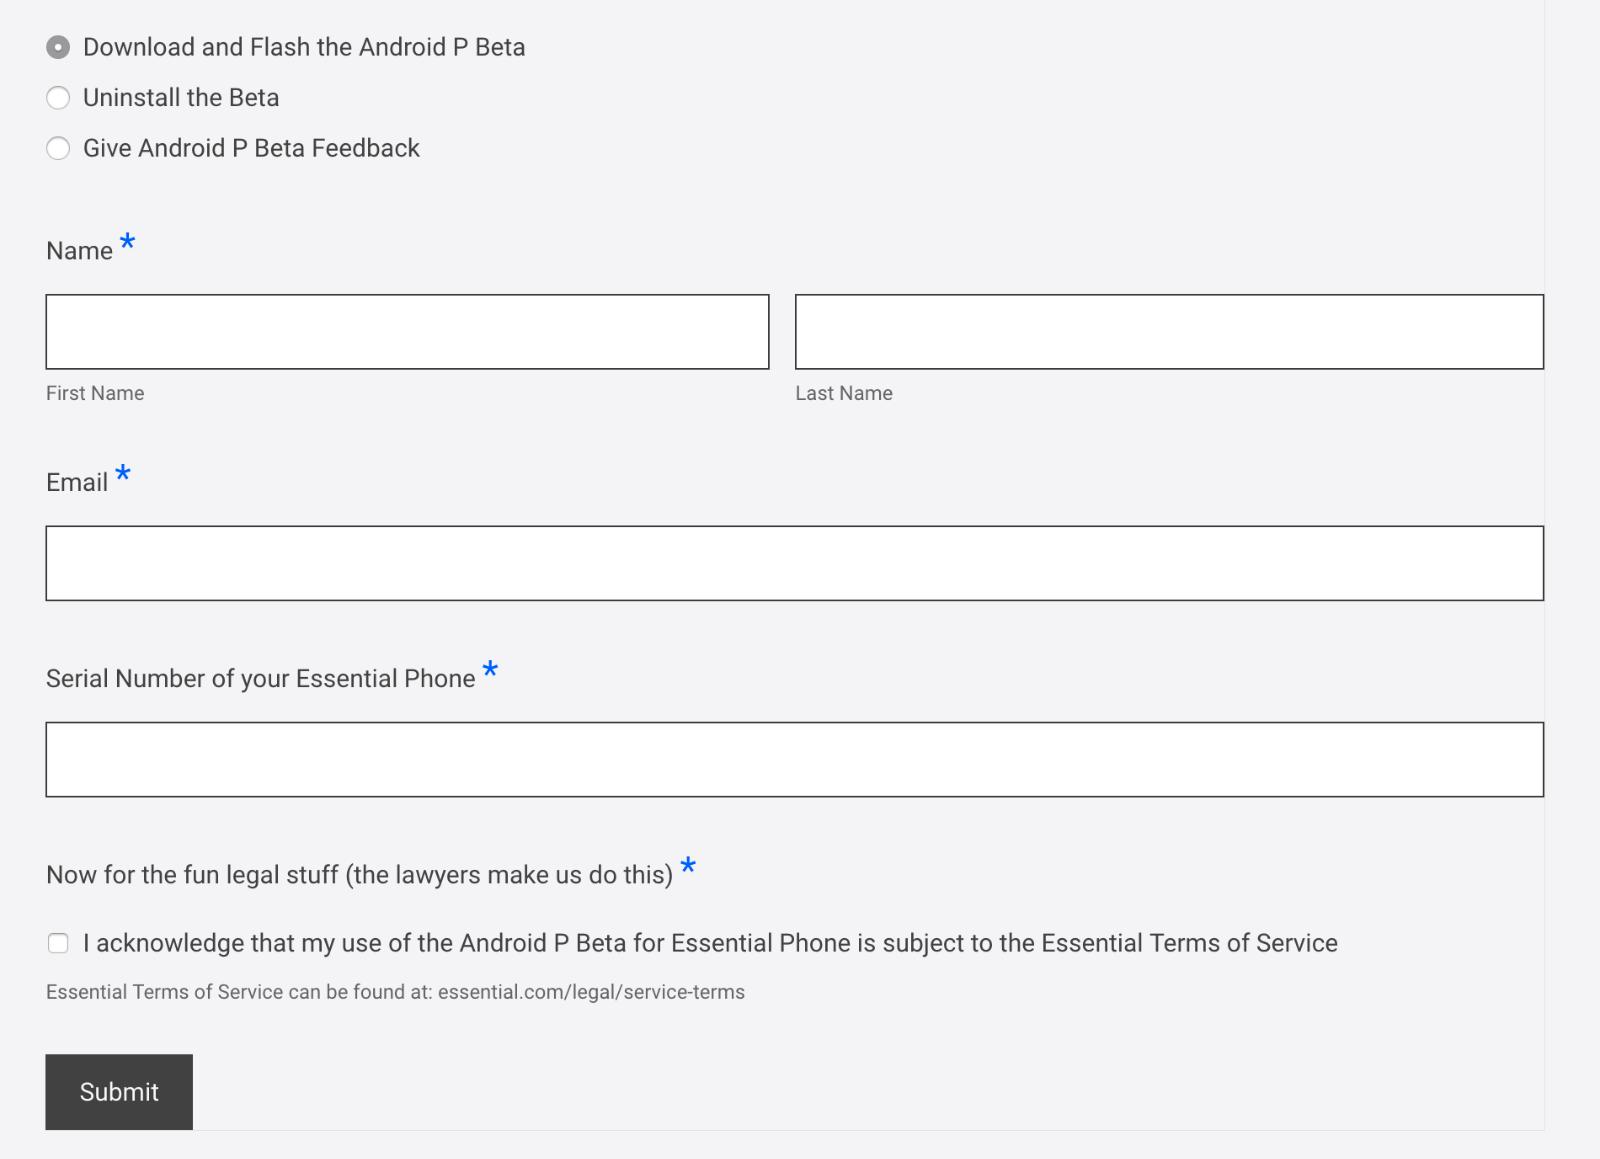 Essential PhoneウェブサイトのDeveloper PreviewページにあるAndroid P Betaをダウンロードするための入力フォーム